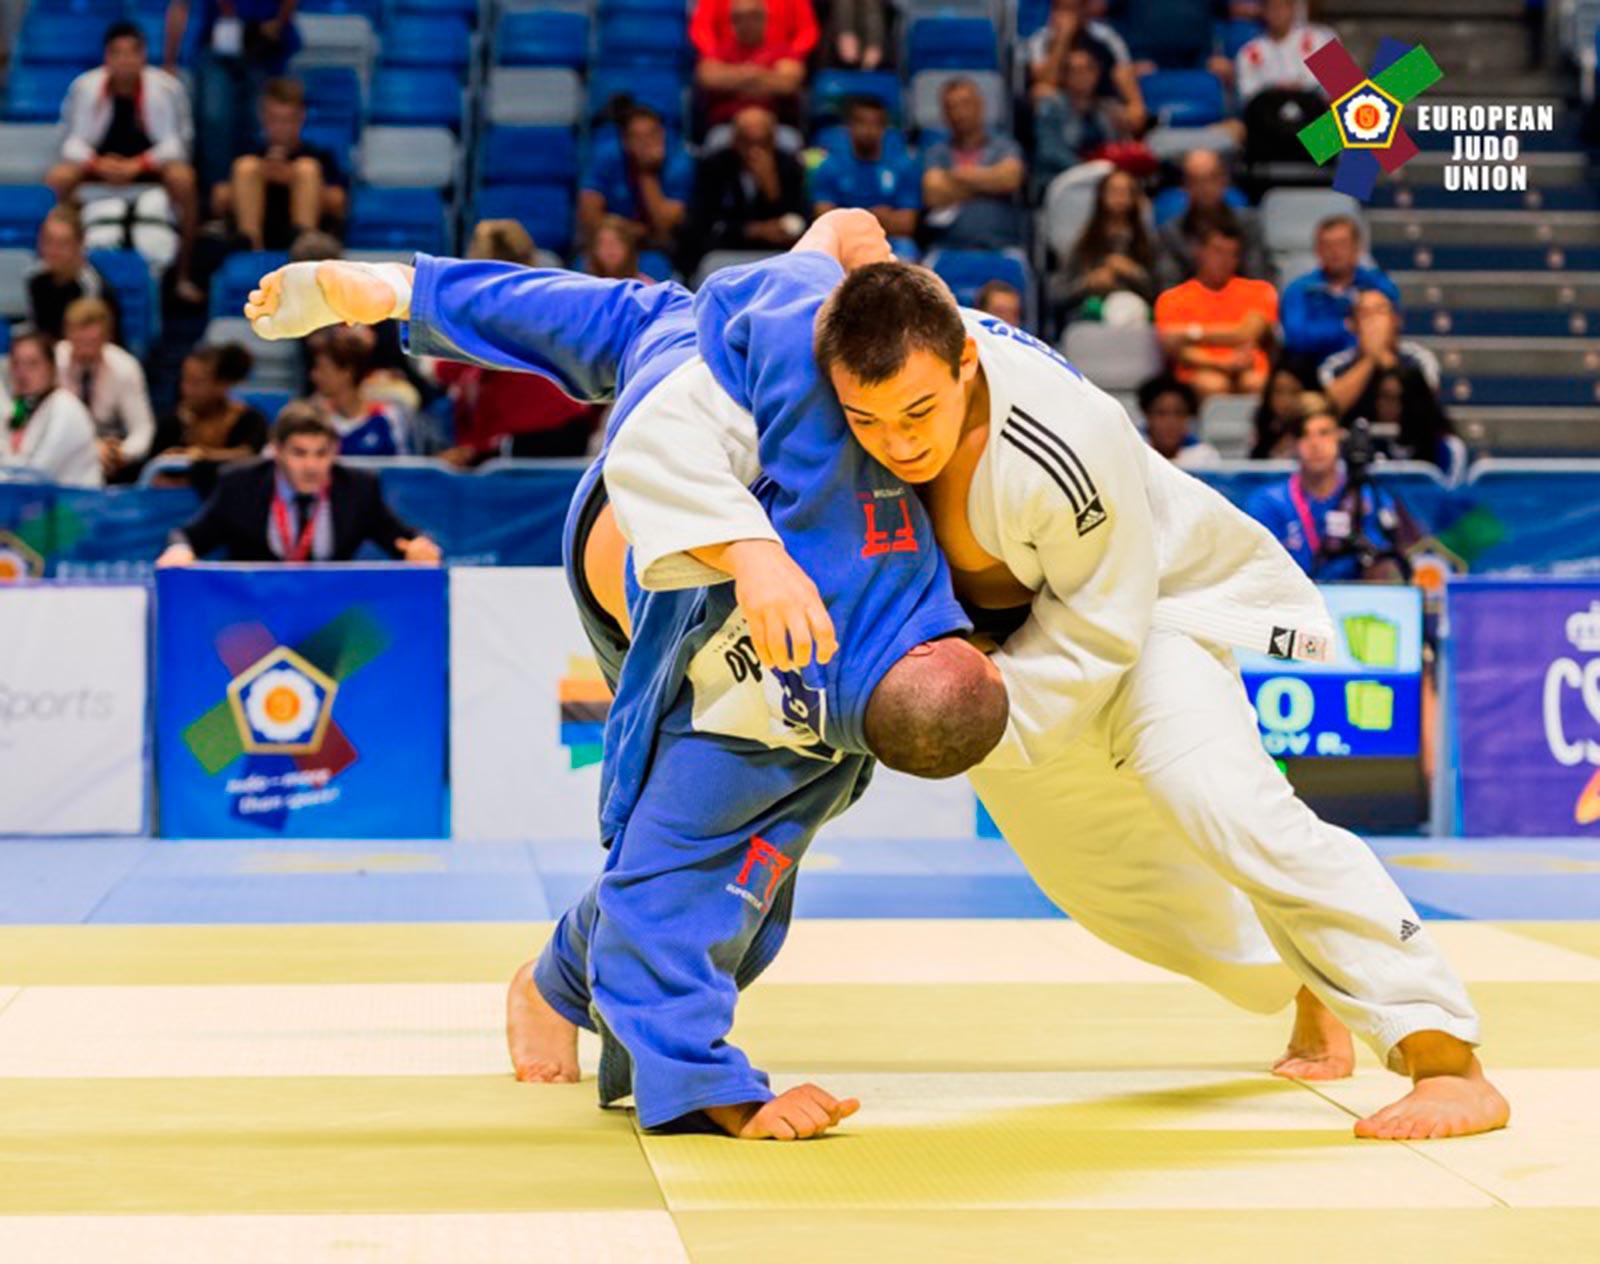 У Малазі (Іспанія) завершився Чемпіонат Європи з дзюдо серед юніорів, спортсменів до 21 року.